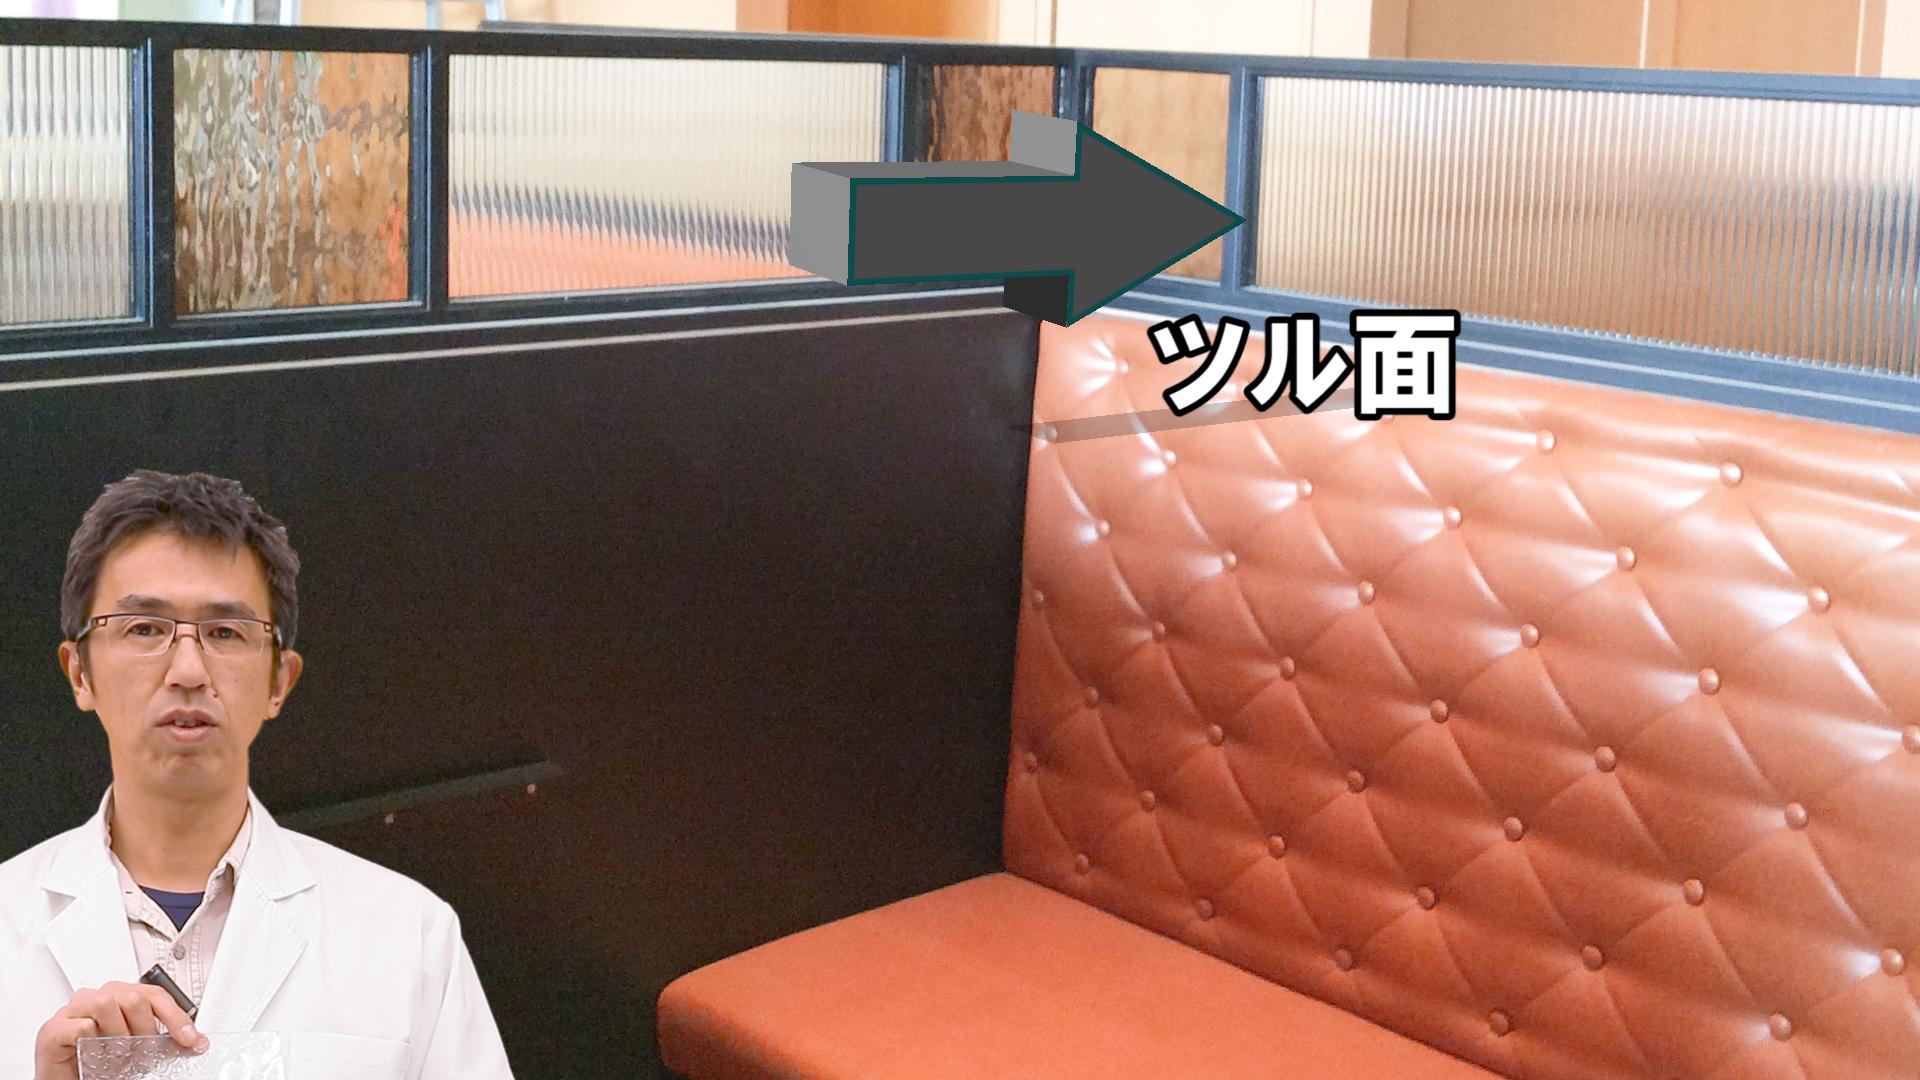 客席のパーテーション